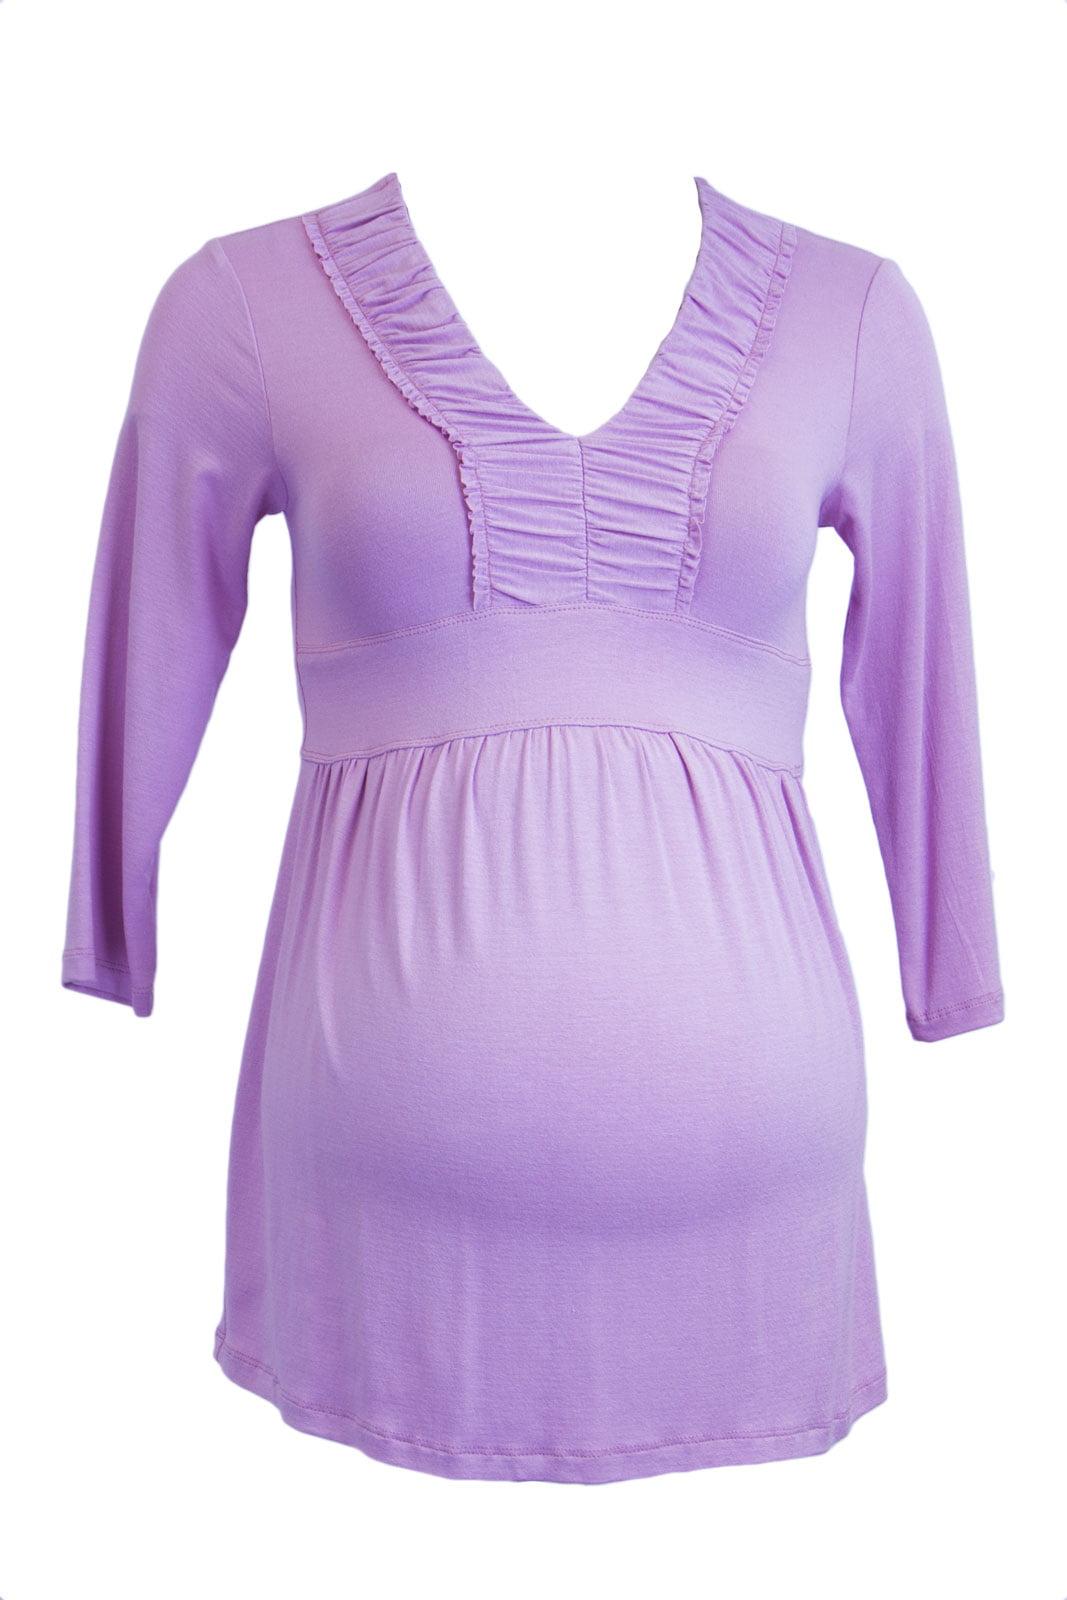 OLIAN Maternity Women's 3/4 Sleeve Empire Waist V-Neck Top X-Small Taffy